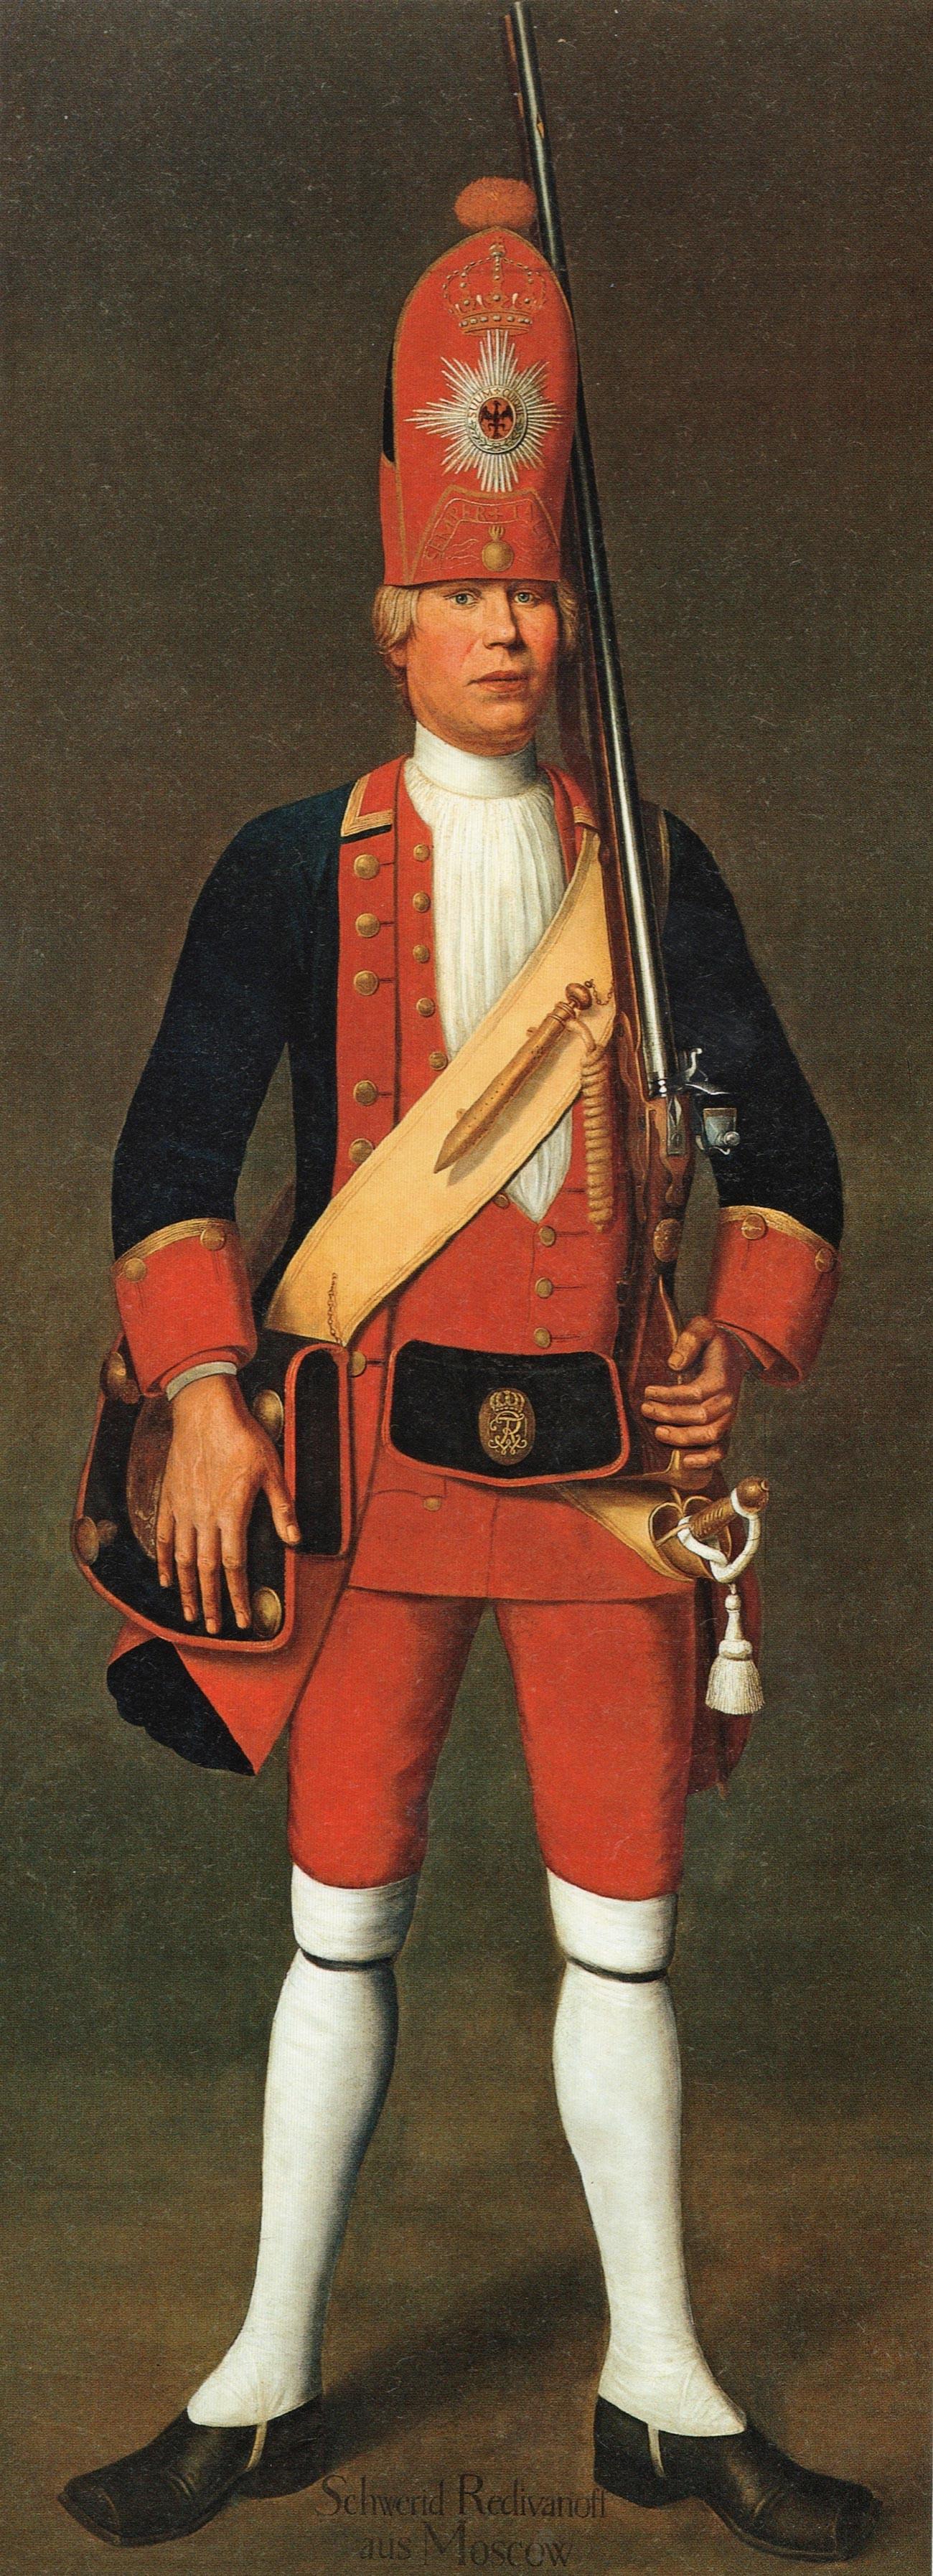 兵士スヴィリド・ロジオーノフの肖像画